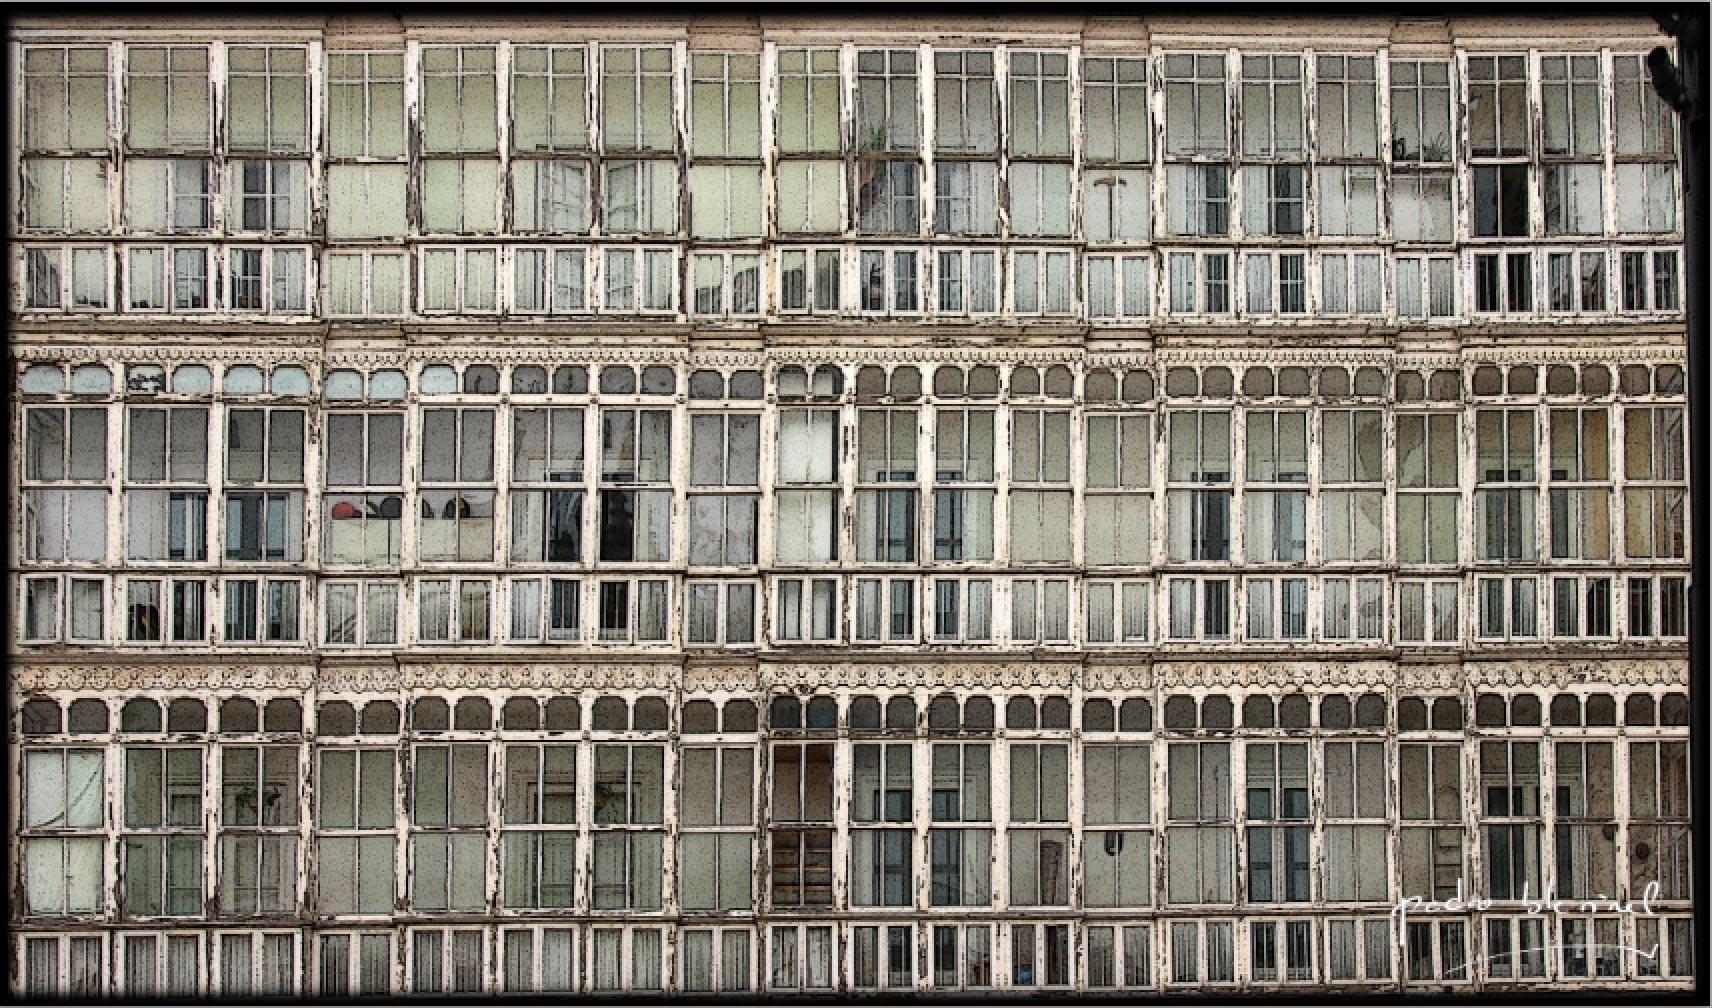 les fenêtres nous guettent